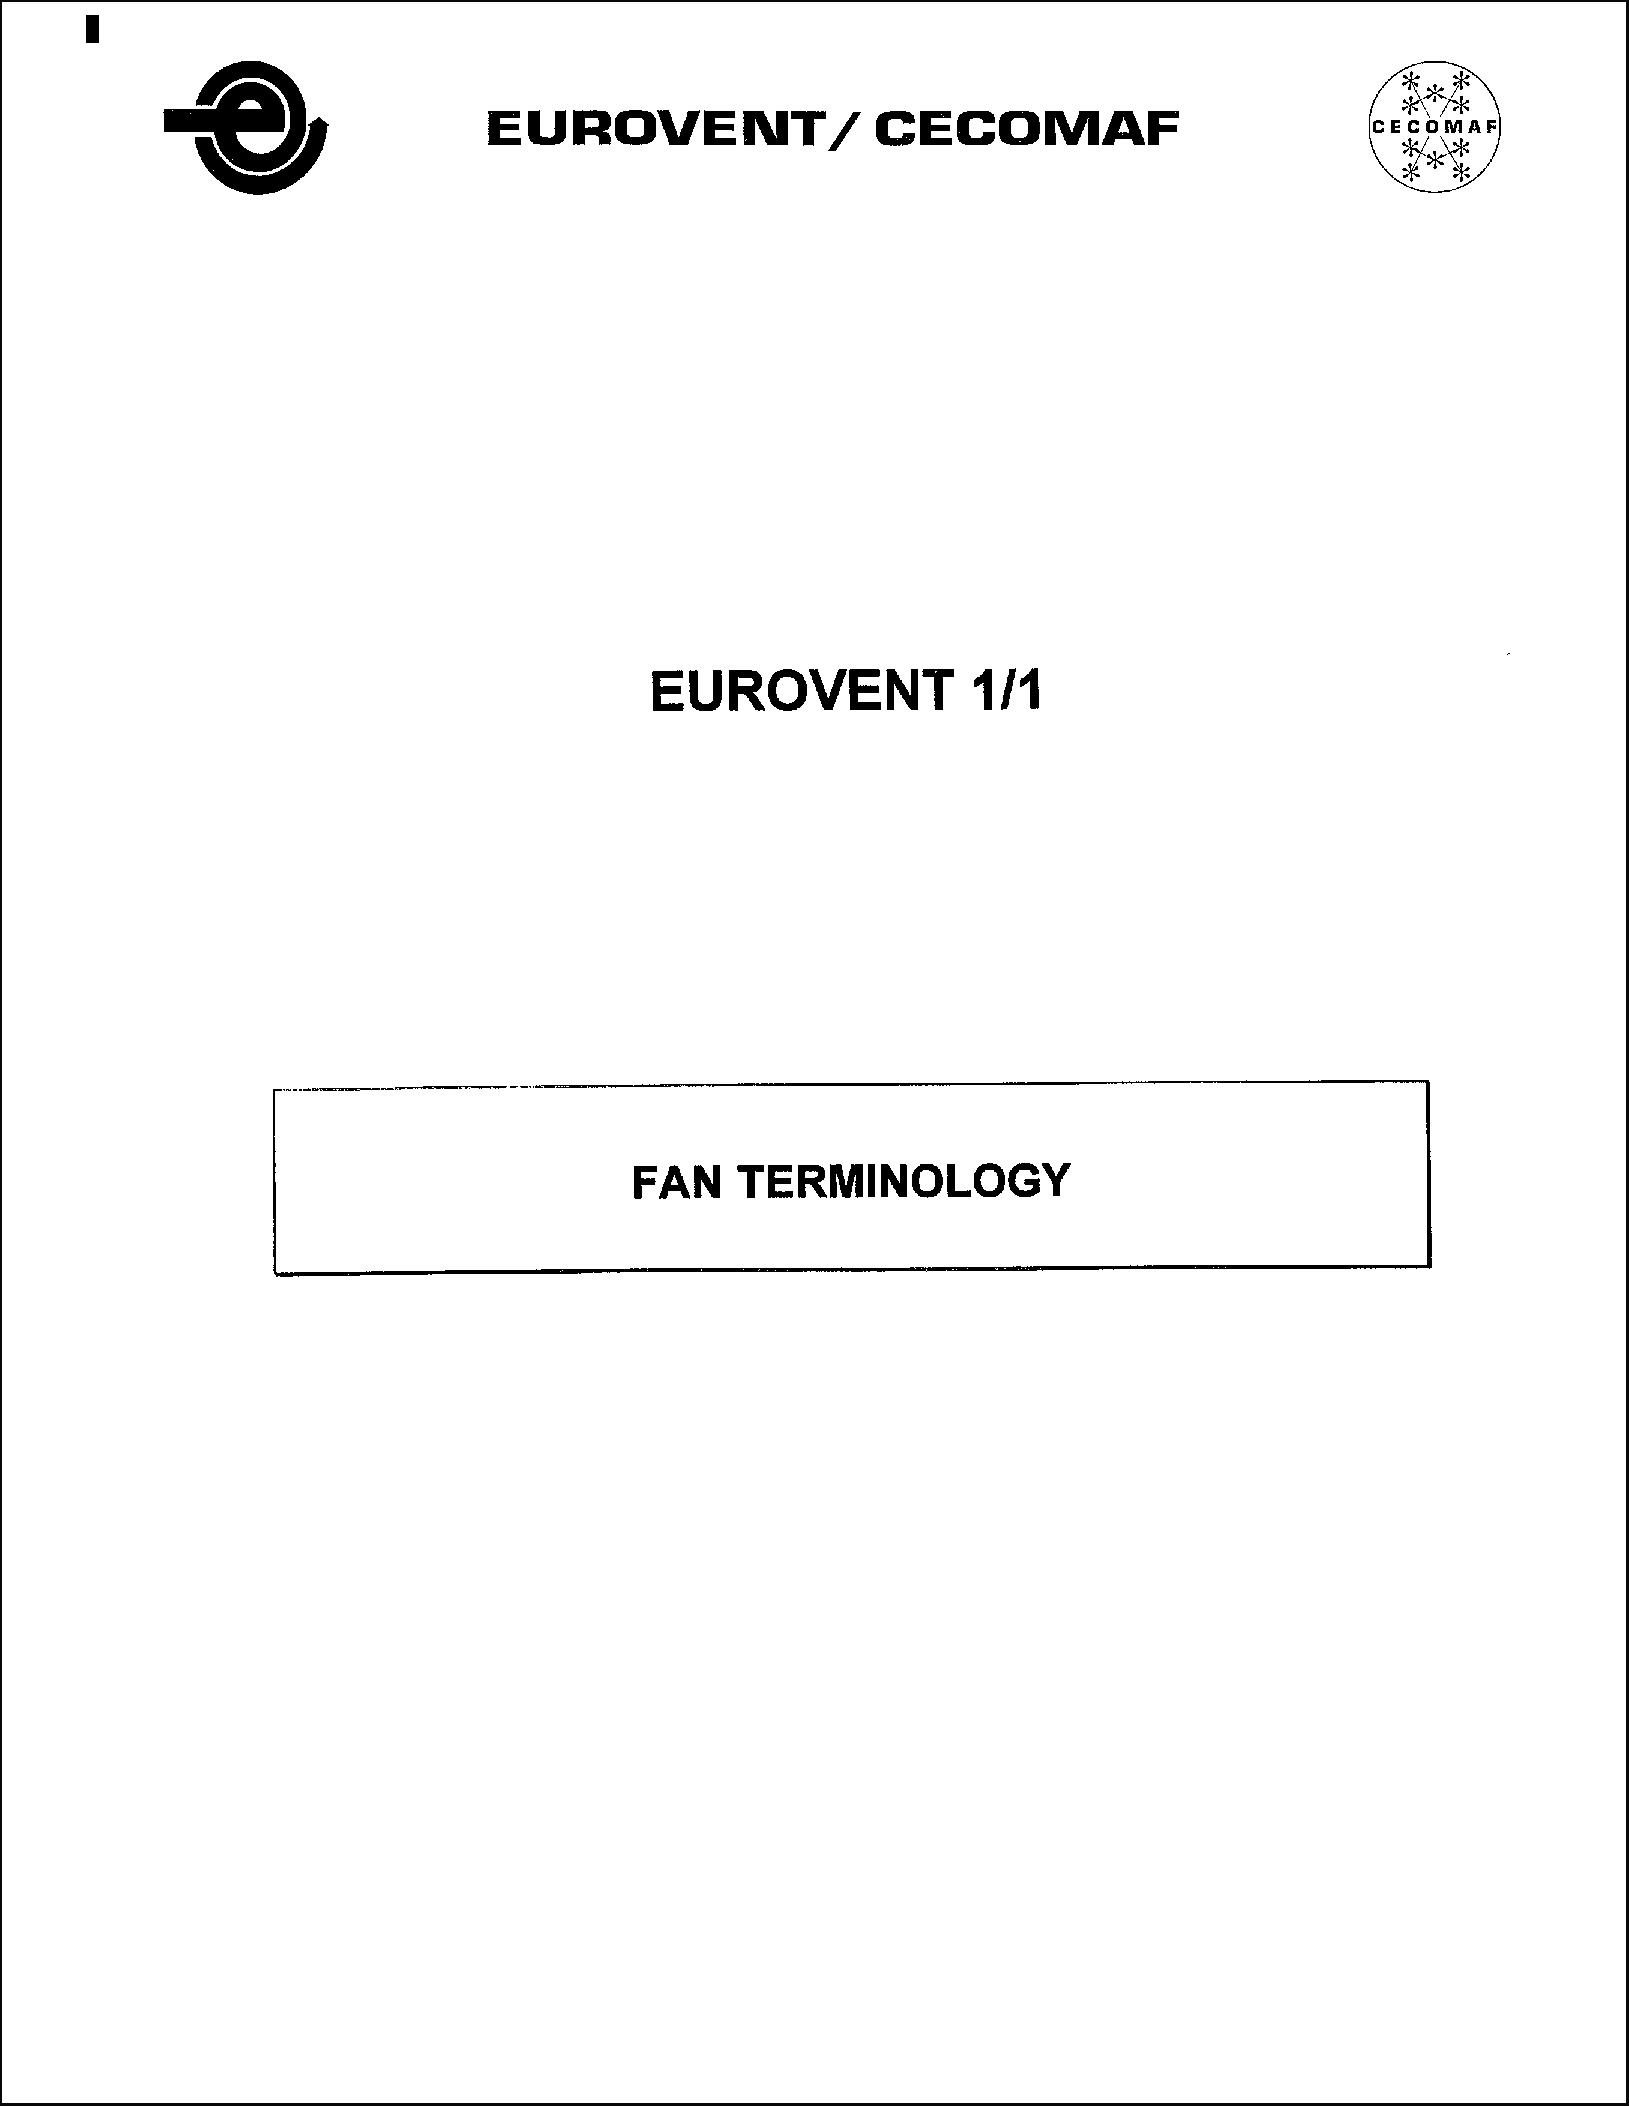 1984 - Fan Terminology